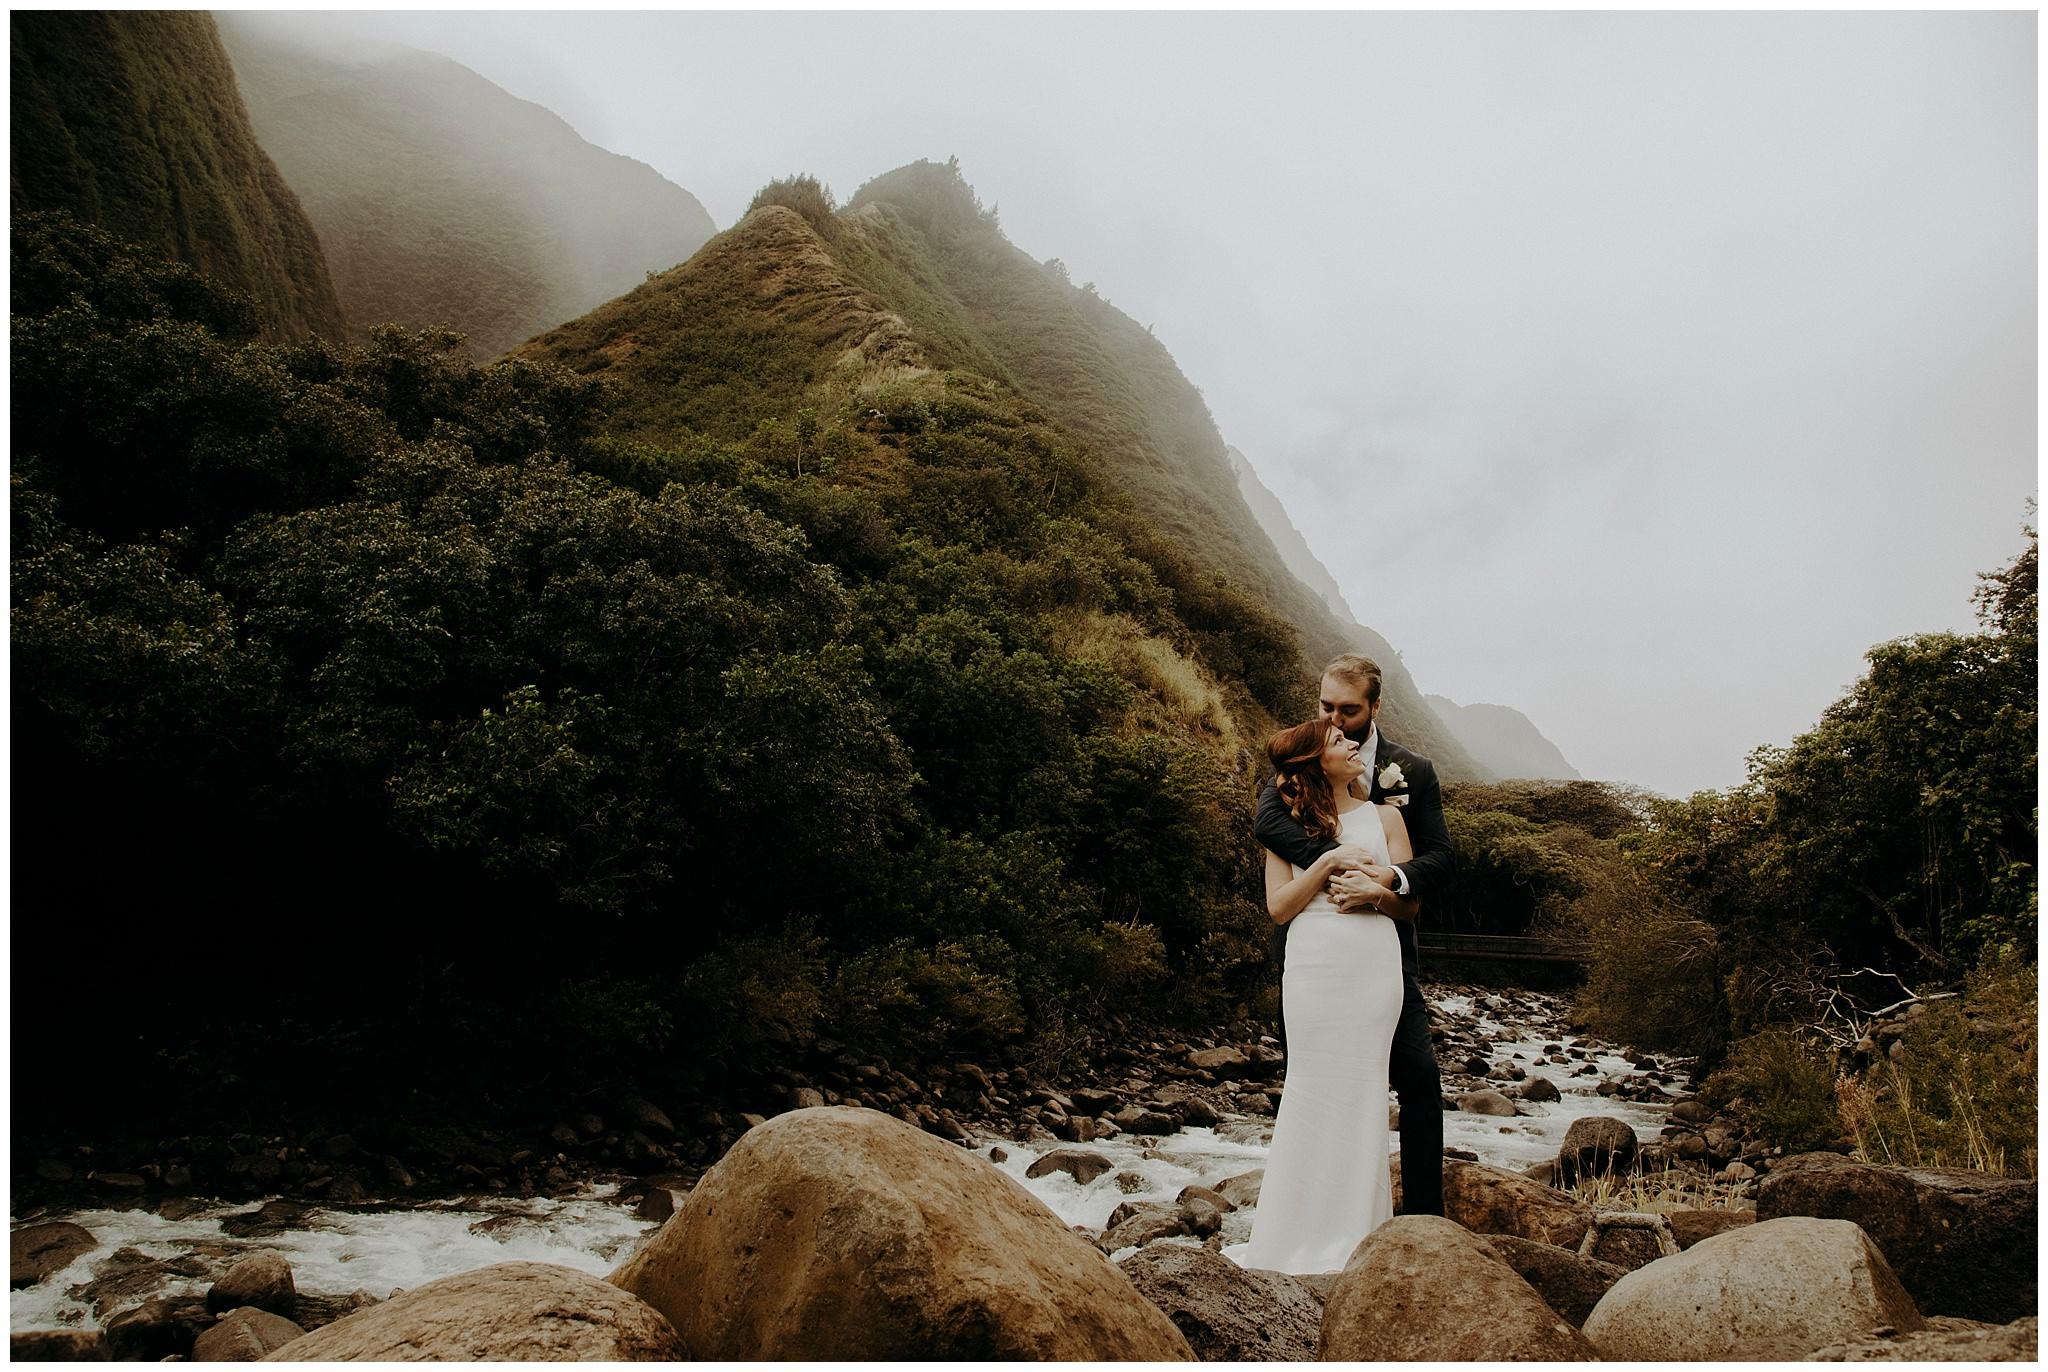 Hawaii-Elopement-Photographer4.jpg